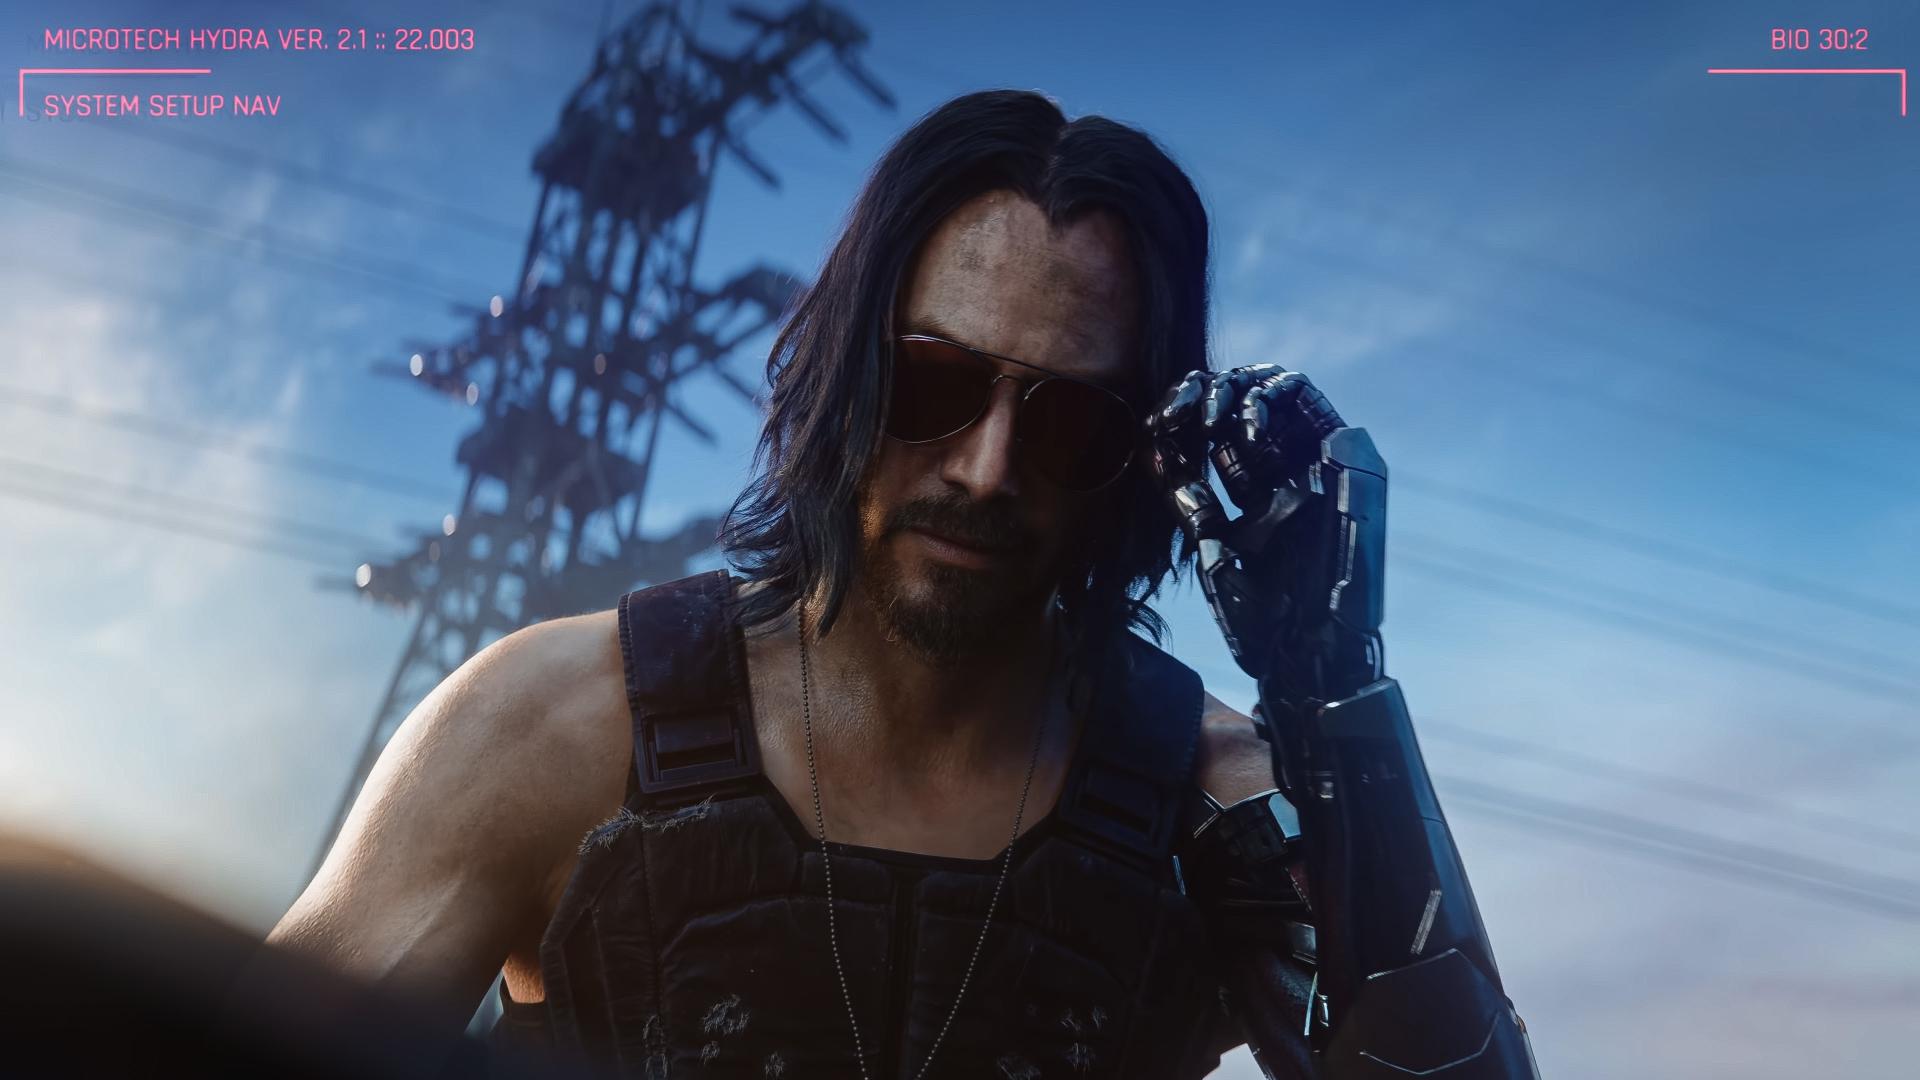 صورة مطوري Cyberpunk 2077 علموا بتأجيل اللعبة من خلال الإنترنت!